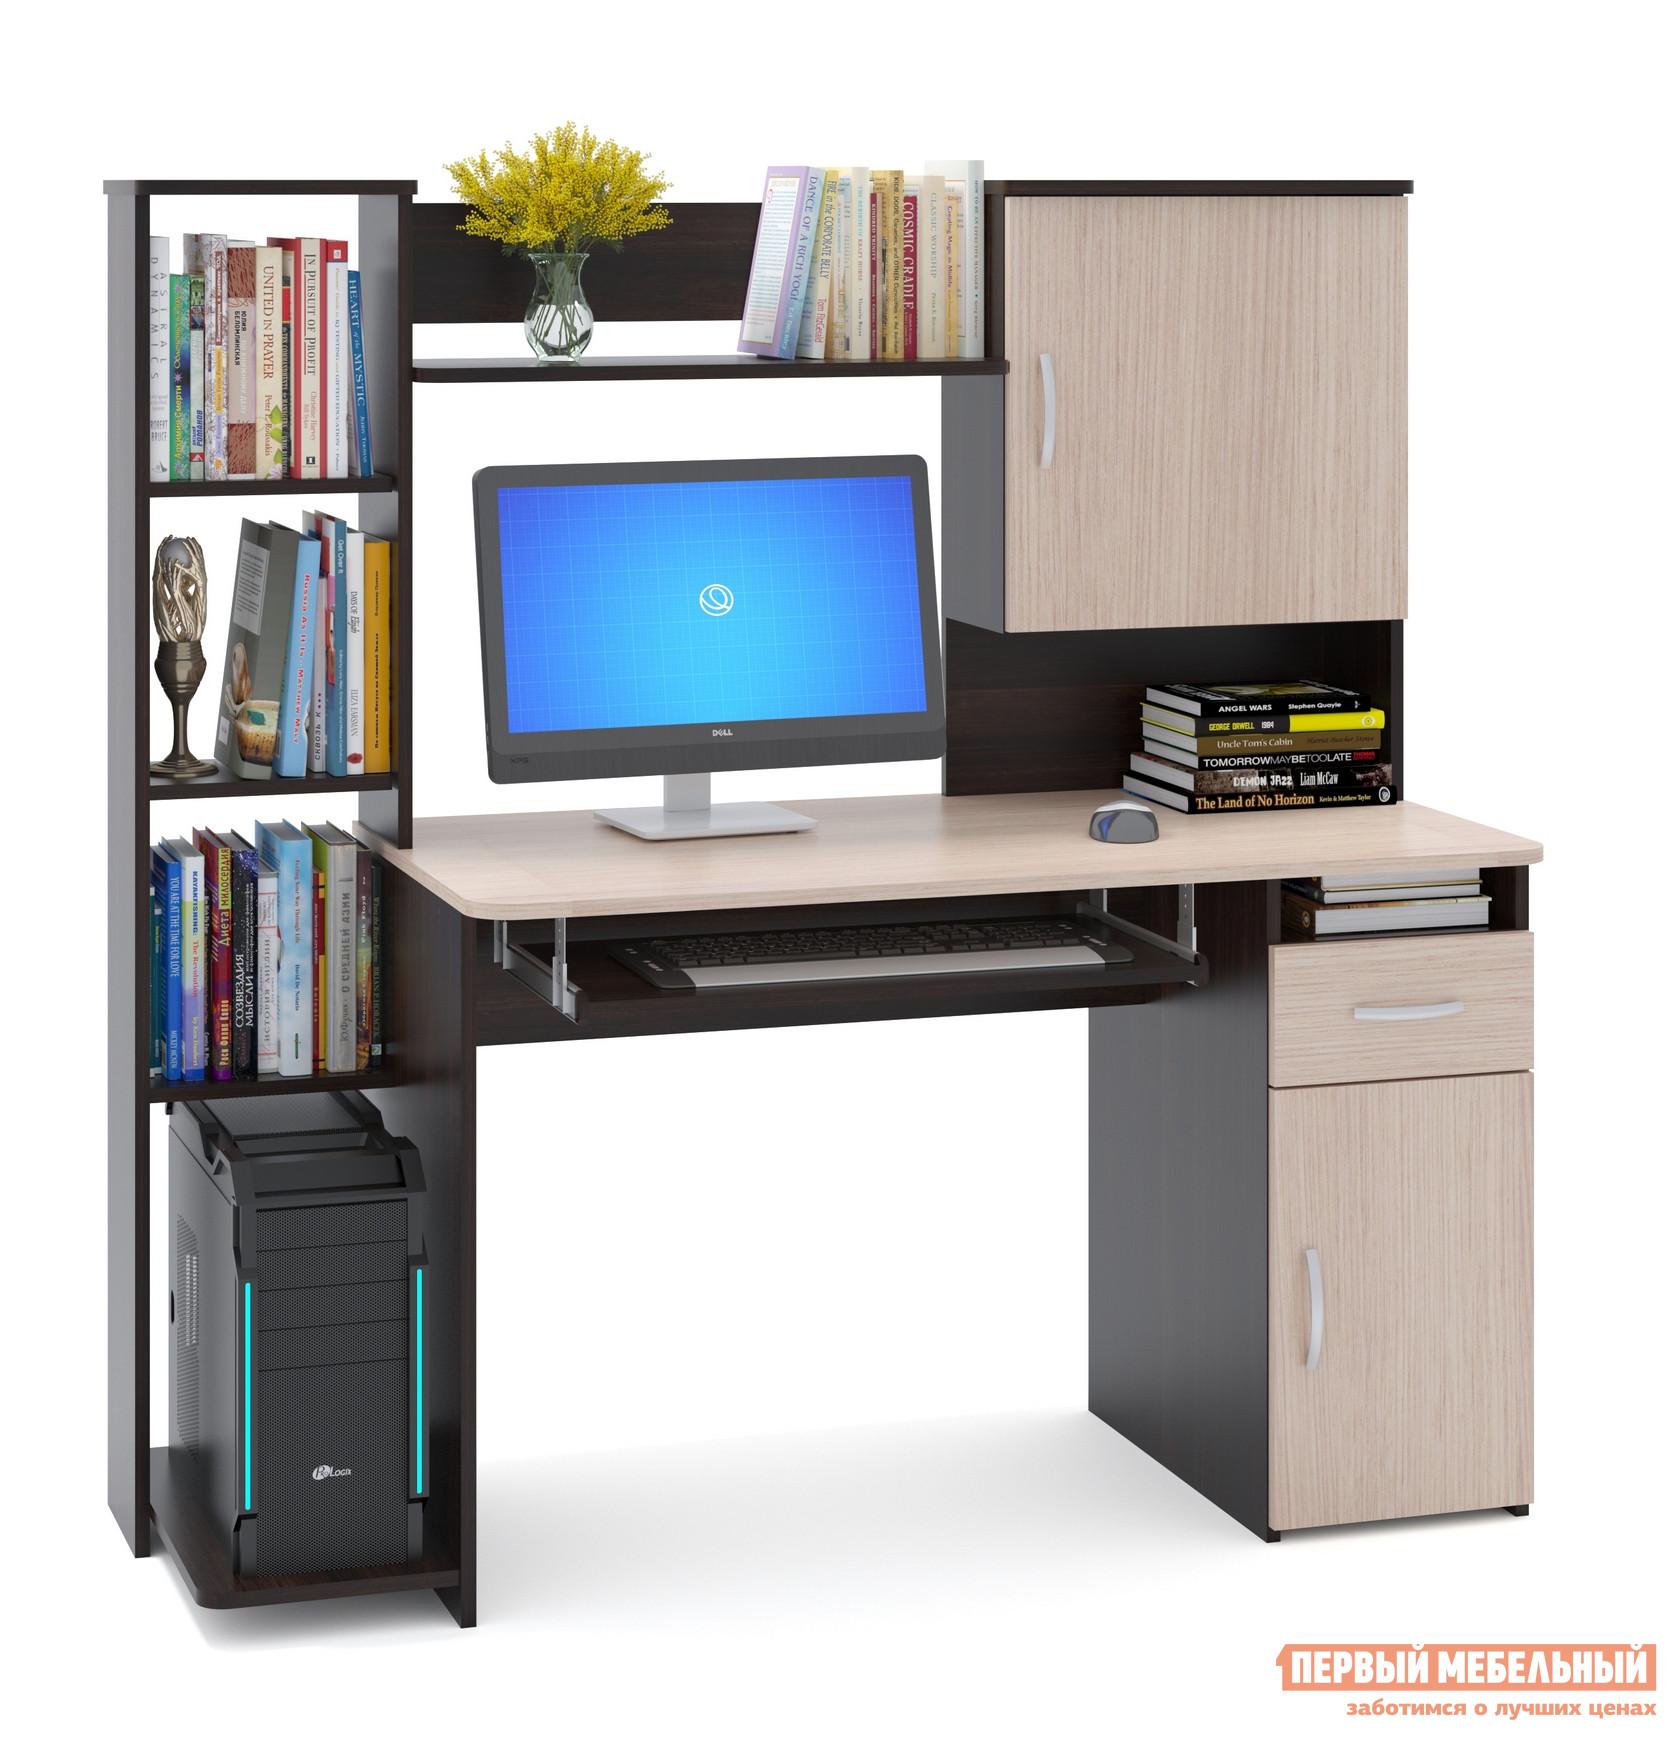 """Компьютерный стол Сокол КСТ-11.1 Корпус Венге / Фасад Беленый дубКомпьютерные столы<br>Габаритные размеры ВхШхГ 1444x1486x600 мм. Удобный компьютерный стол с большим количеством полок.  Такое решение прекрасно подойдет для организации места для учебы.  В боковом стеллаже на нижней полке можно удобно разместить системный блок.  За распашными дверками также находятся полки.  Стол оборудован выдвижным ящиком и полкой для клавиатуры, которую можно не устанавливать, если вы планируете работать за ноутбуком. Высота полки под системный блок – 404 мм, Проем под монитор — 442 х 688 мм (под монитор 20""""). Изделие универсальное при сборке - блок со стеллажом и блок с закрытыми полками можно расположить с любой стороны. Столешница изготовлена из ЛДСП отечественного производства толщиной 16 мм, отделана кромкой ПВХ 2 мм.  Рекомендуем сохранить инструкцию по сборке (паспорт изделия) до истечения гарантийного срока.<br><br>Цвет: Корпус Венге / Фасад Беленый дуб<br>Цвет: Темное-cветлое дерево<br>Высота мм: 1444<br>Ширина мм: 1486<br>Глубина мм: 600<br>Кол-во упаковок: 2<br>Форма поставки: В разобранном виде<br>Срок гарантии: 2 года<br>Тип: Прямые<br>Материал: Деревянные, из ЛДСП<br>Размер: Большие<br>Особенности: С надстройкой, С тумбой, С полками"""